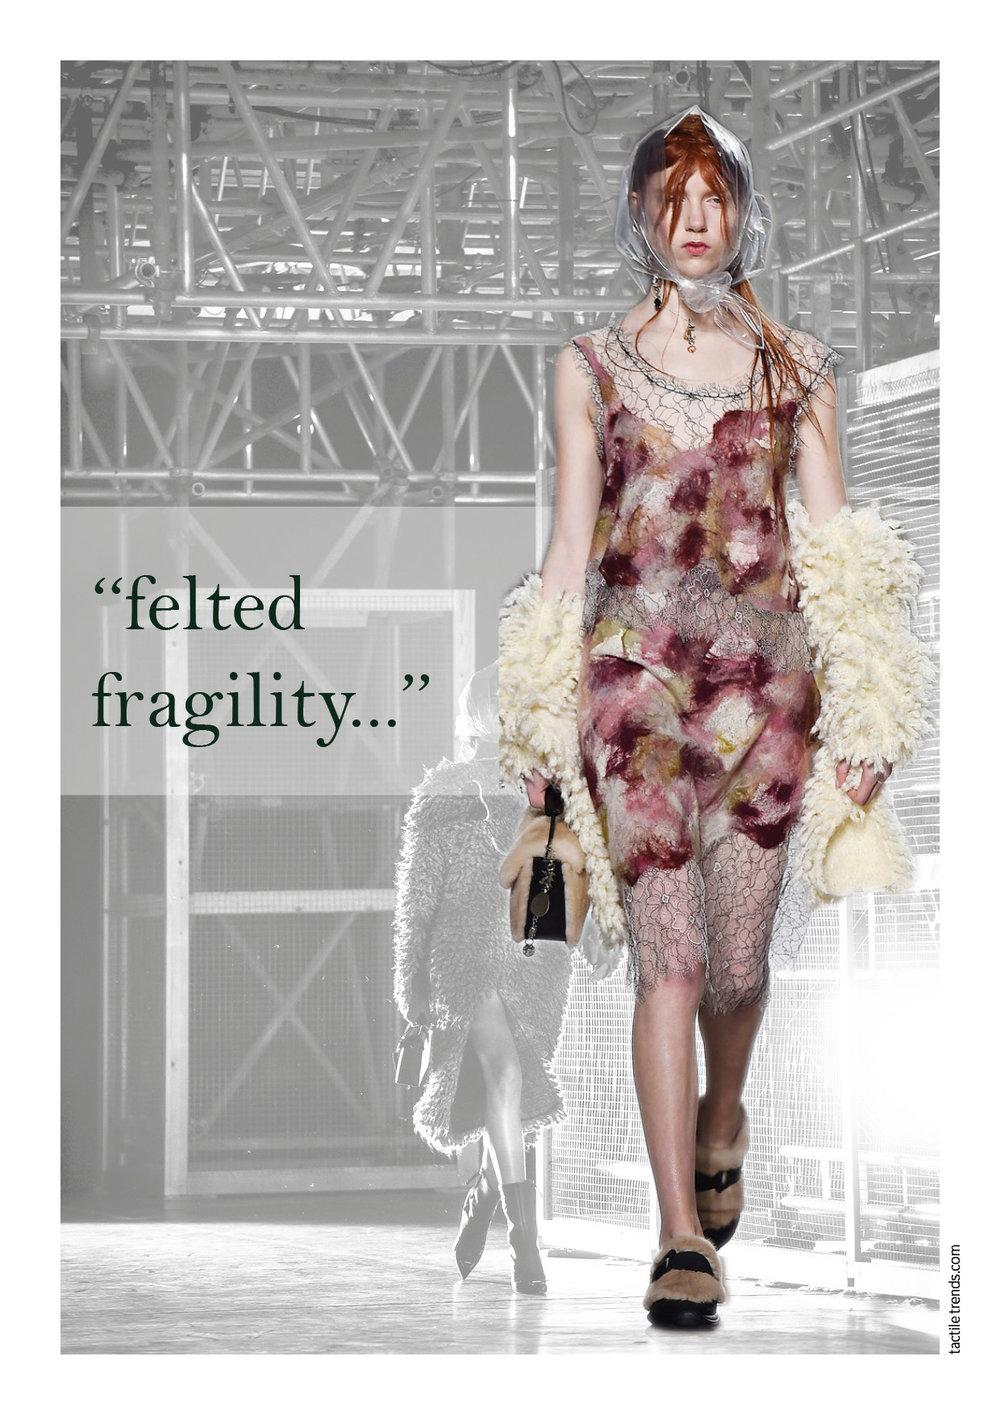 Images via   Vogue.com  and   Christopherkane.com